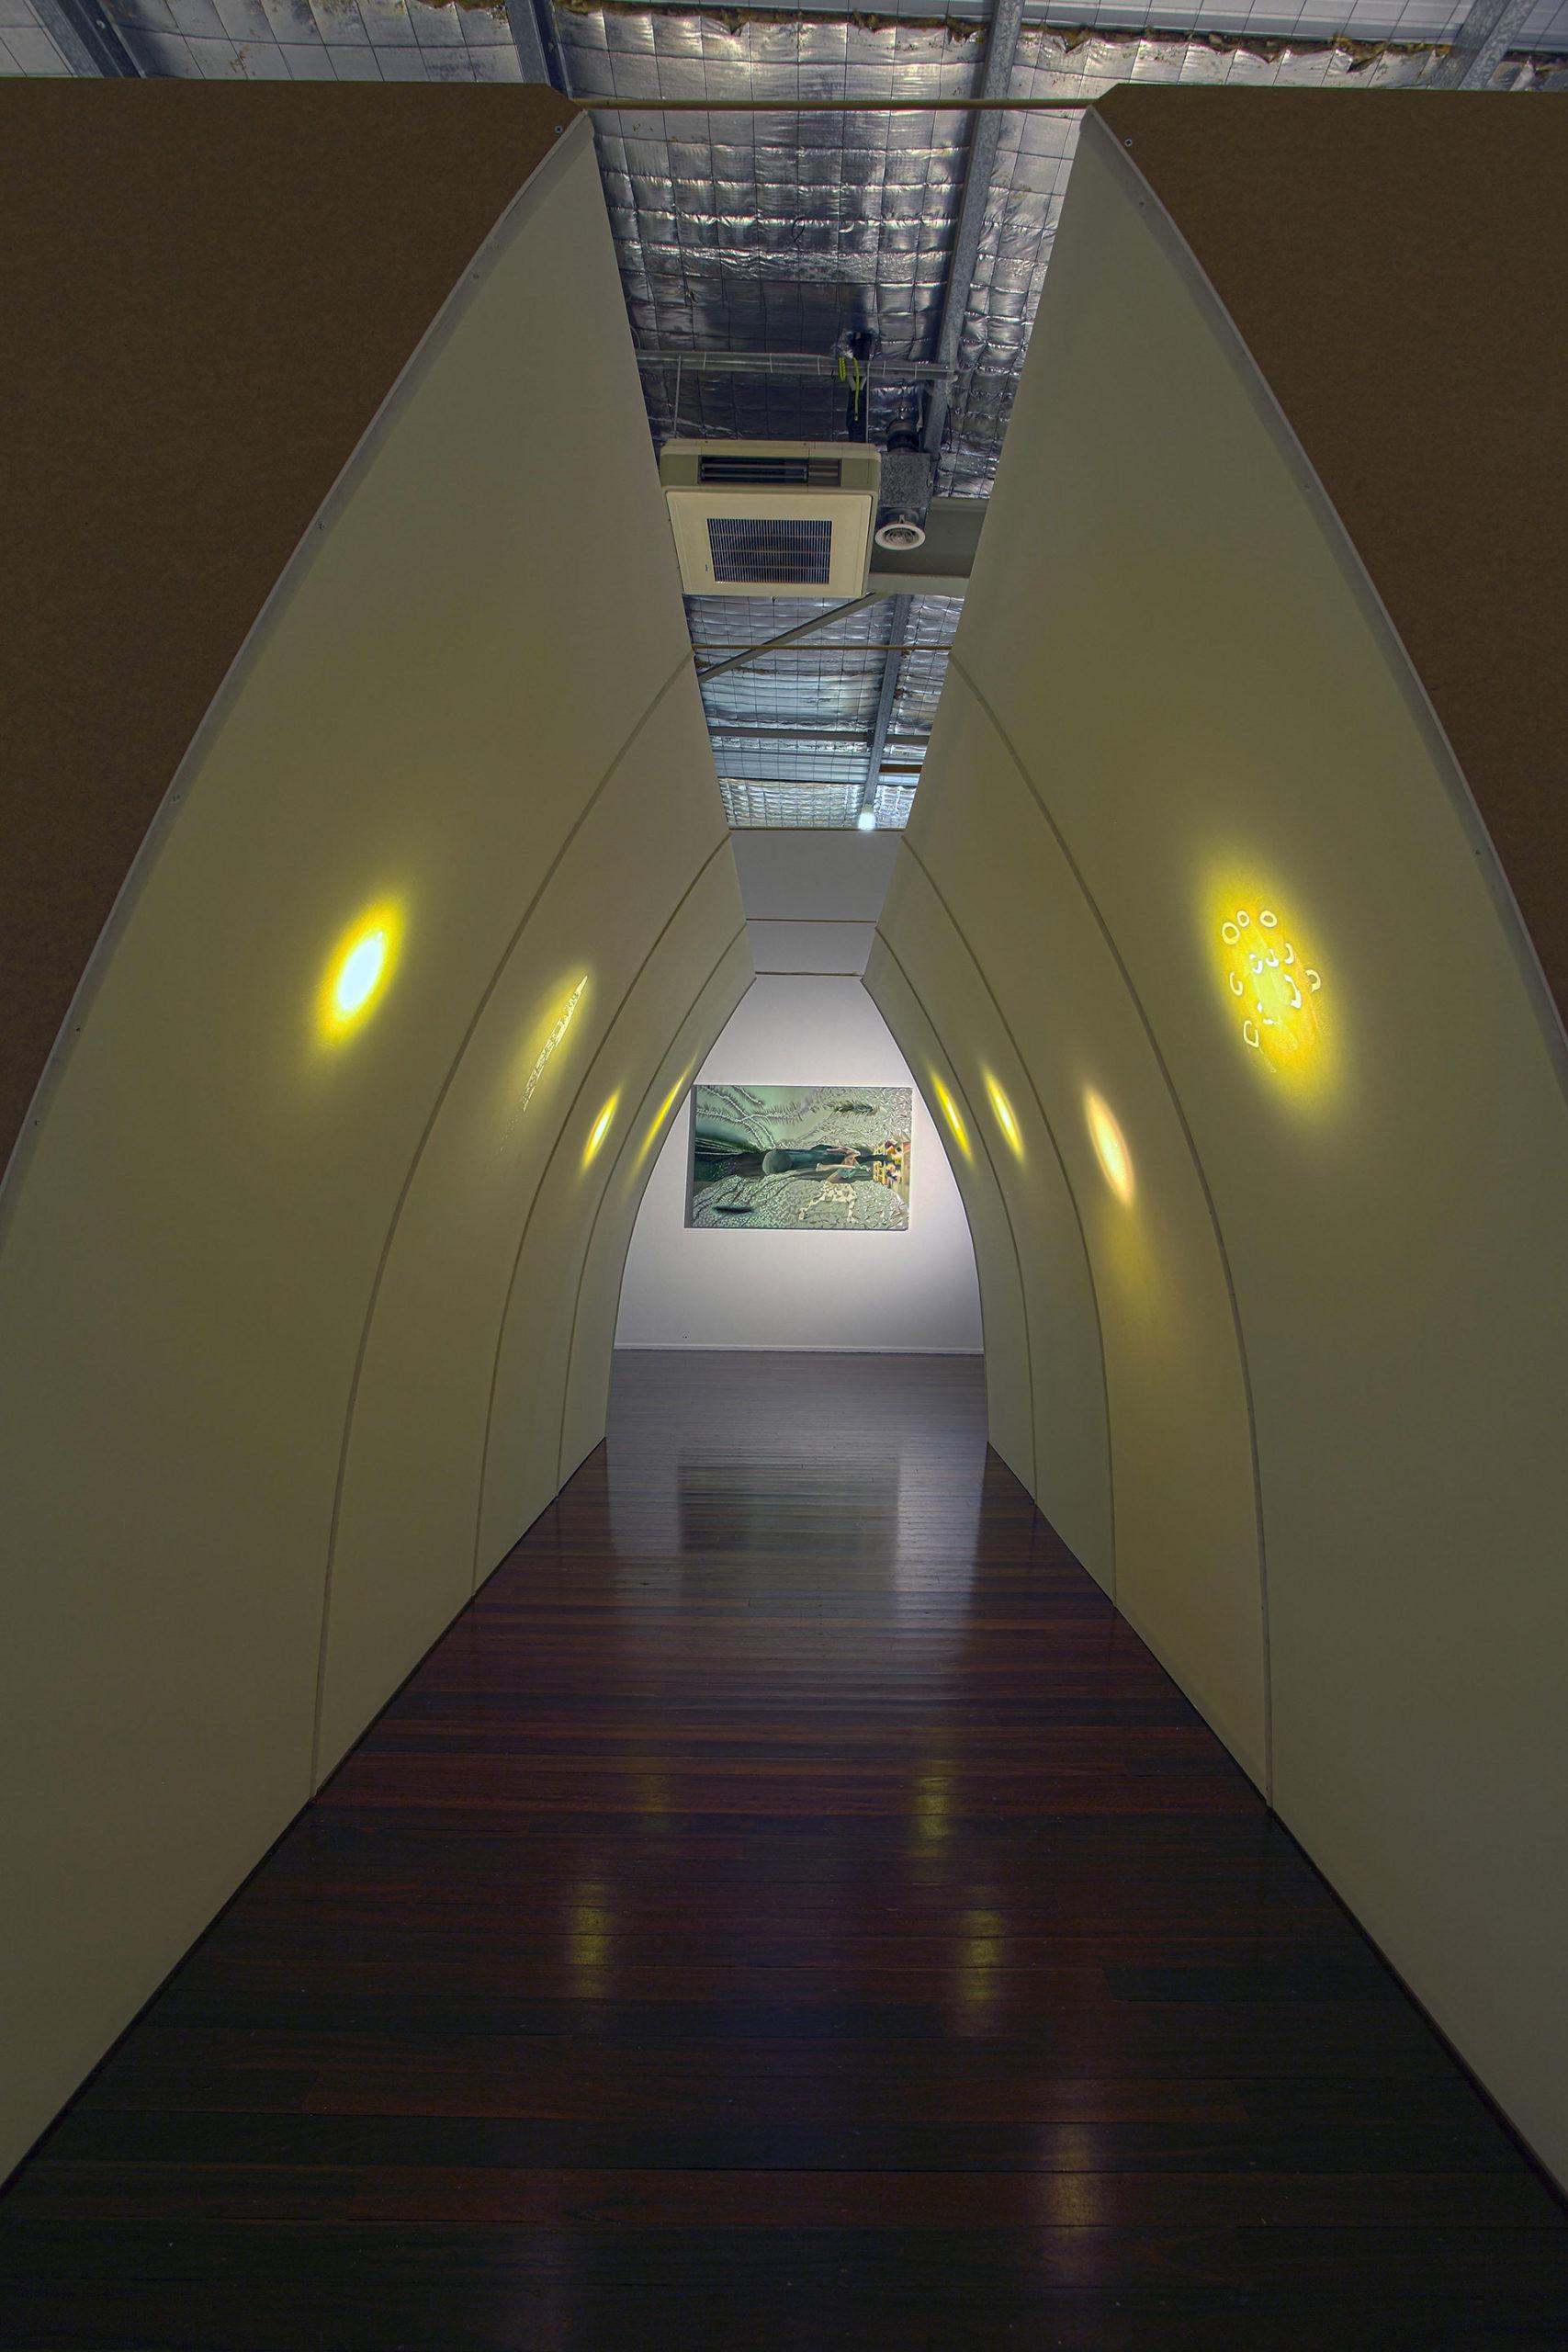 Madeleine Kelly Erscheinen 2010 Installation: pinpricked Foamcore, light , 294 x 234 x 490cm